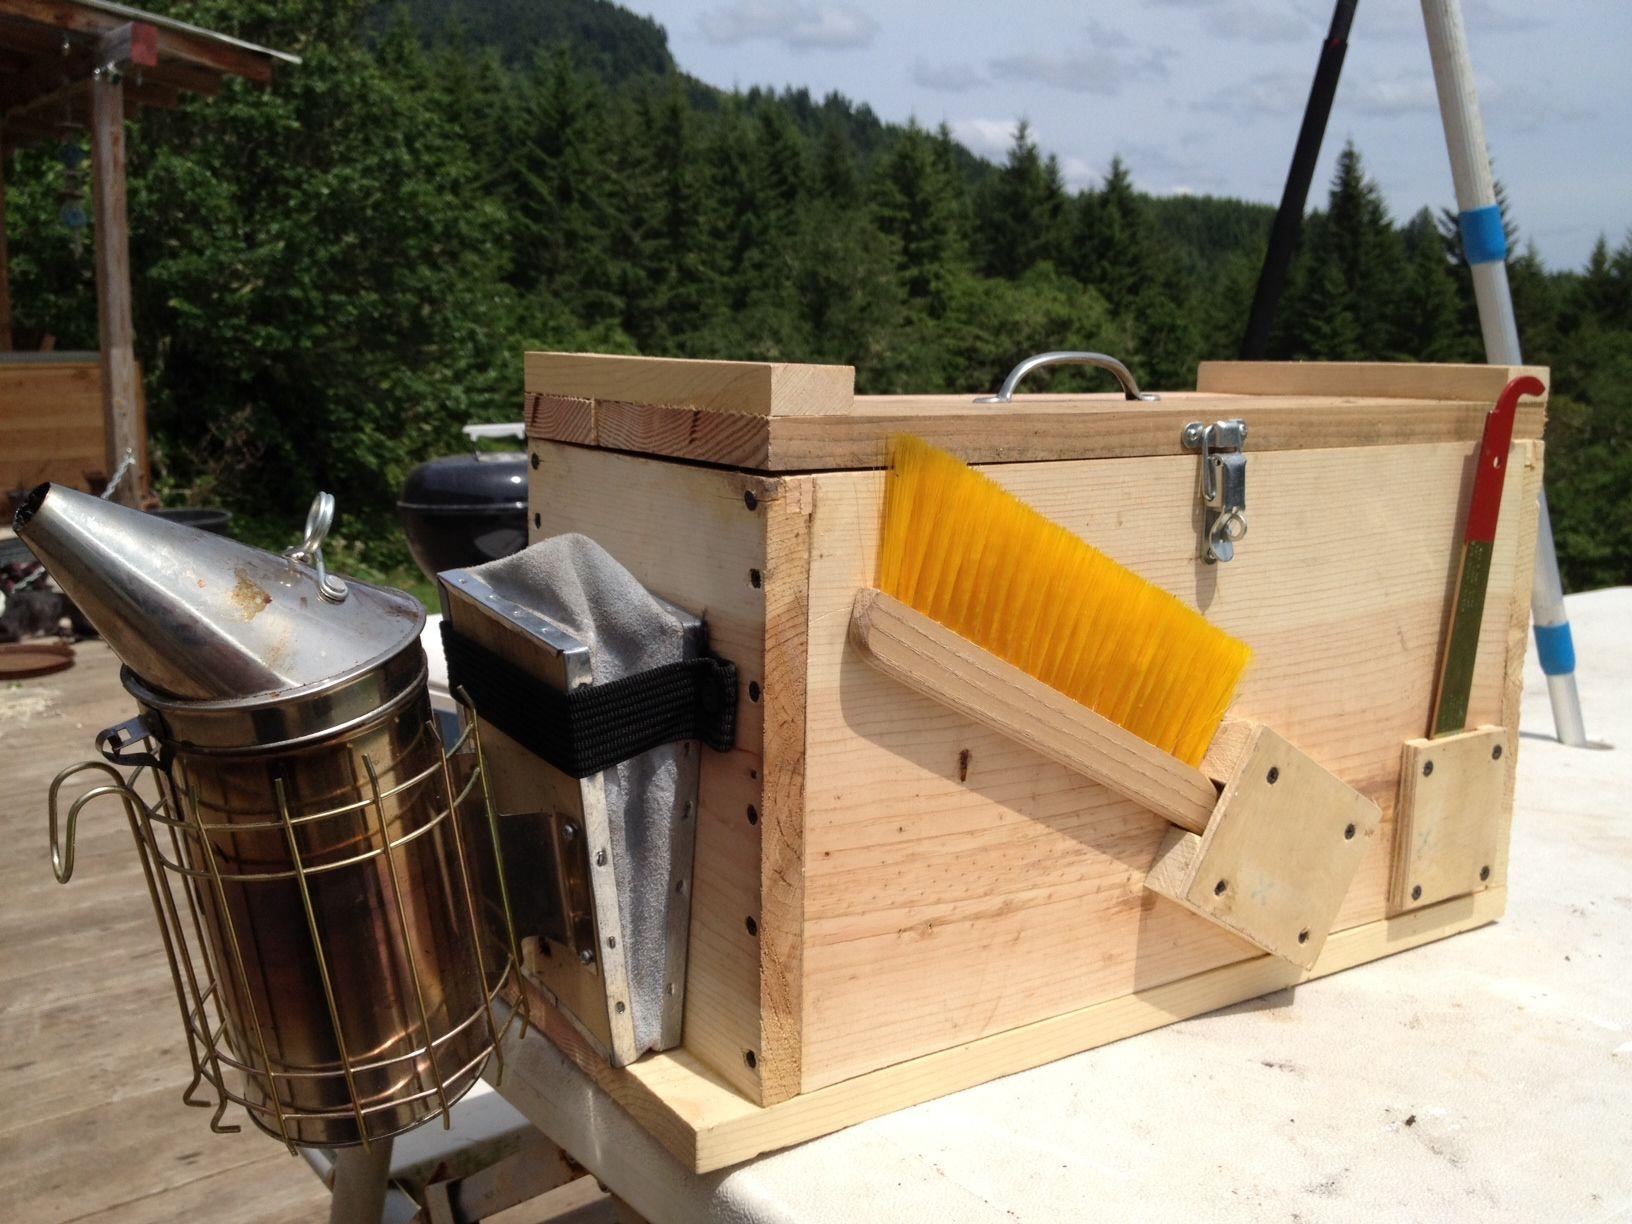 Beekeeping Tool Box. Put It On The Project List. Beekeeping  EquipmentBeekeeping SuppliesBackyard ...